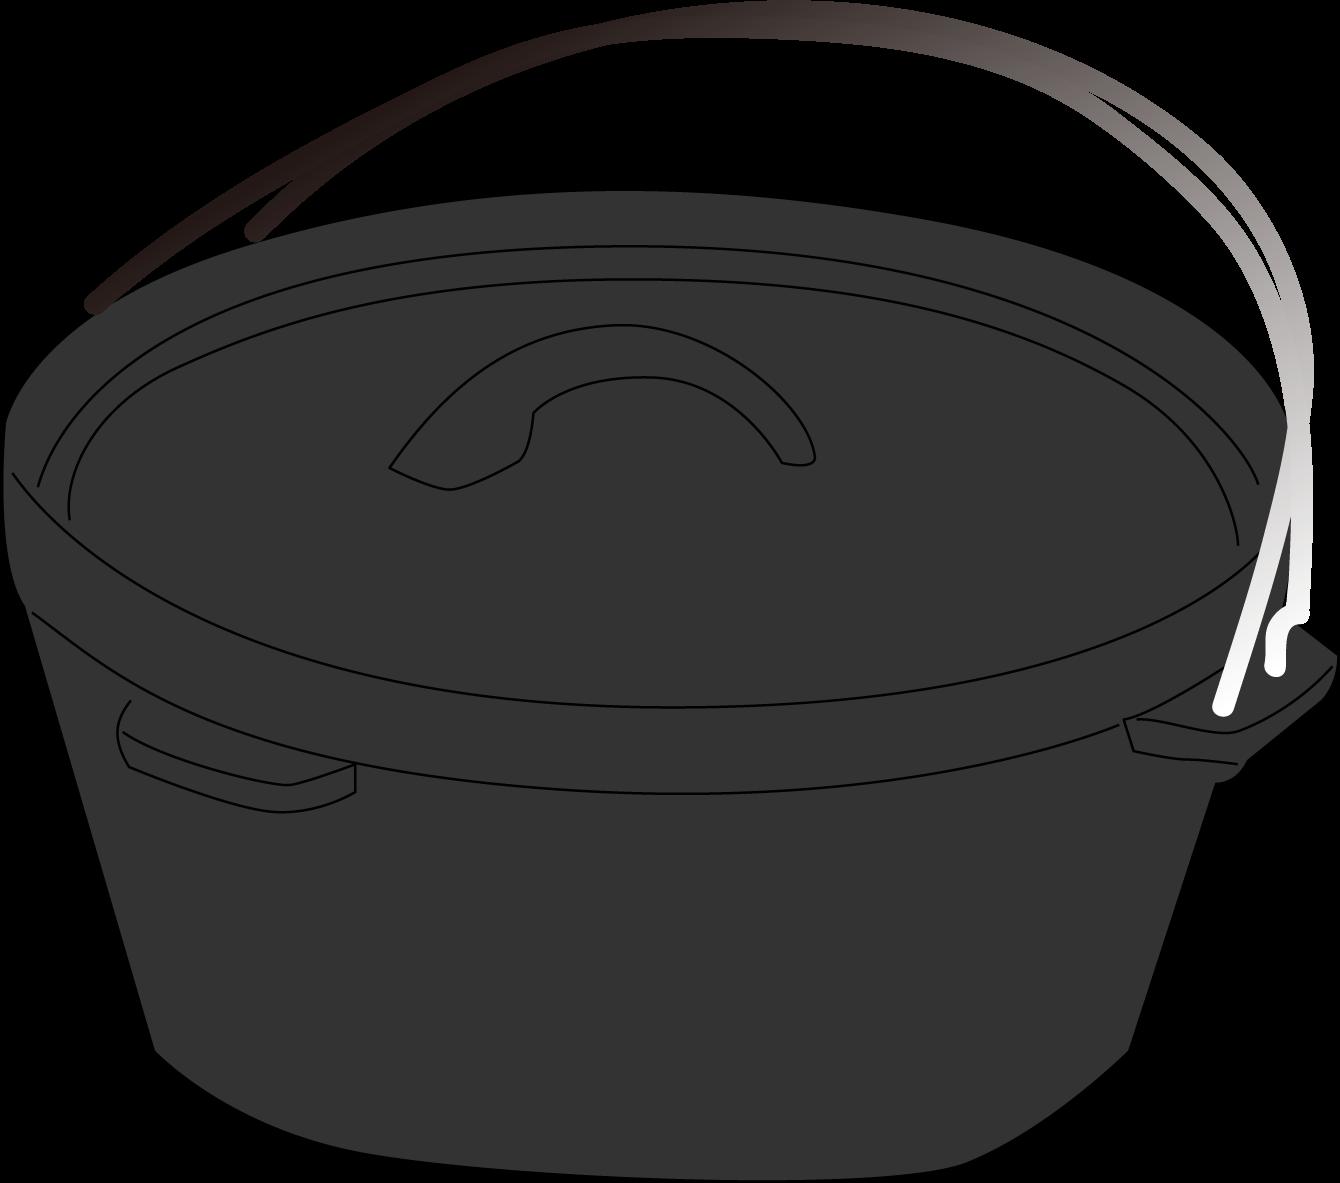 ダッチオーブンイメージ